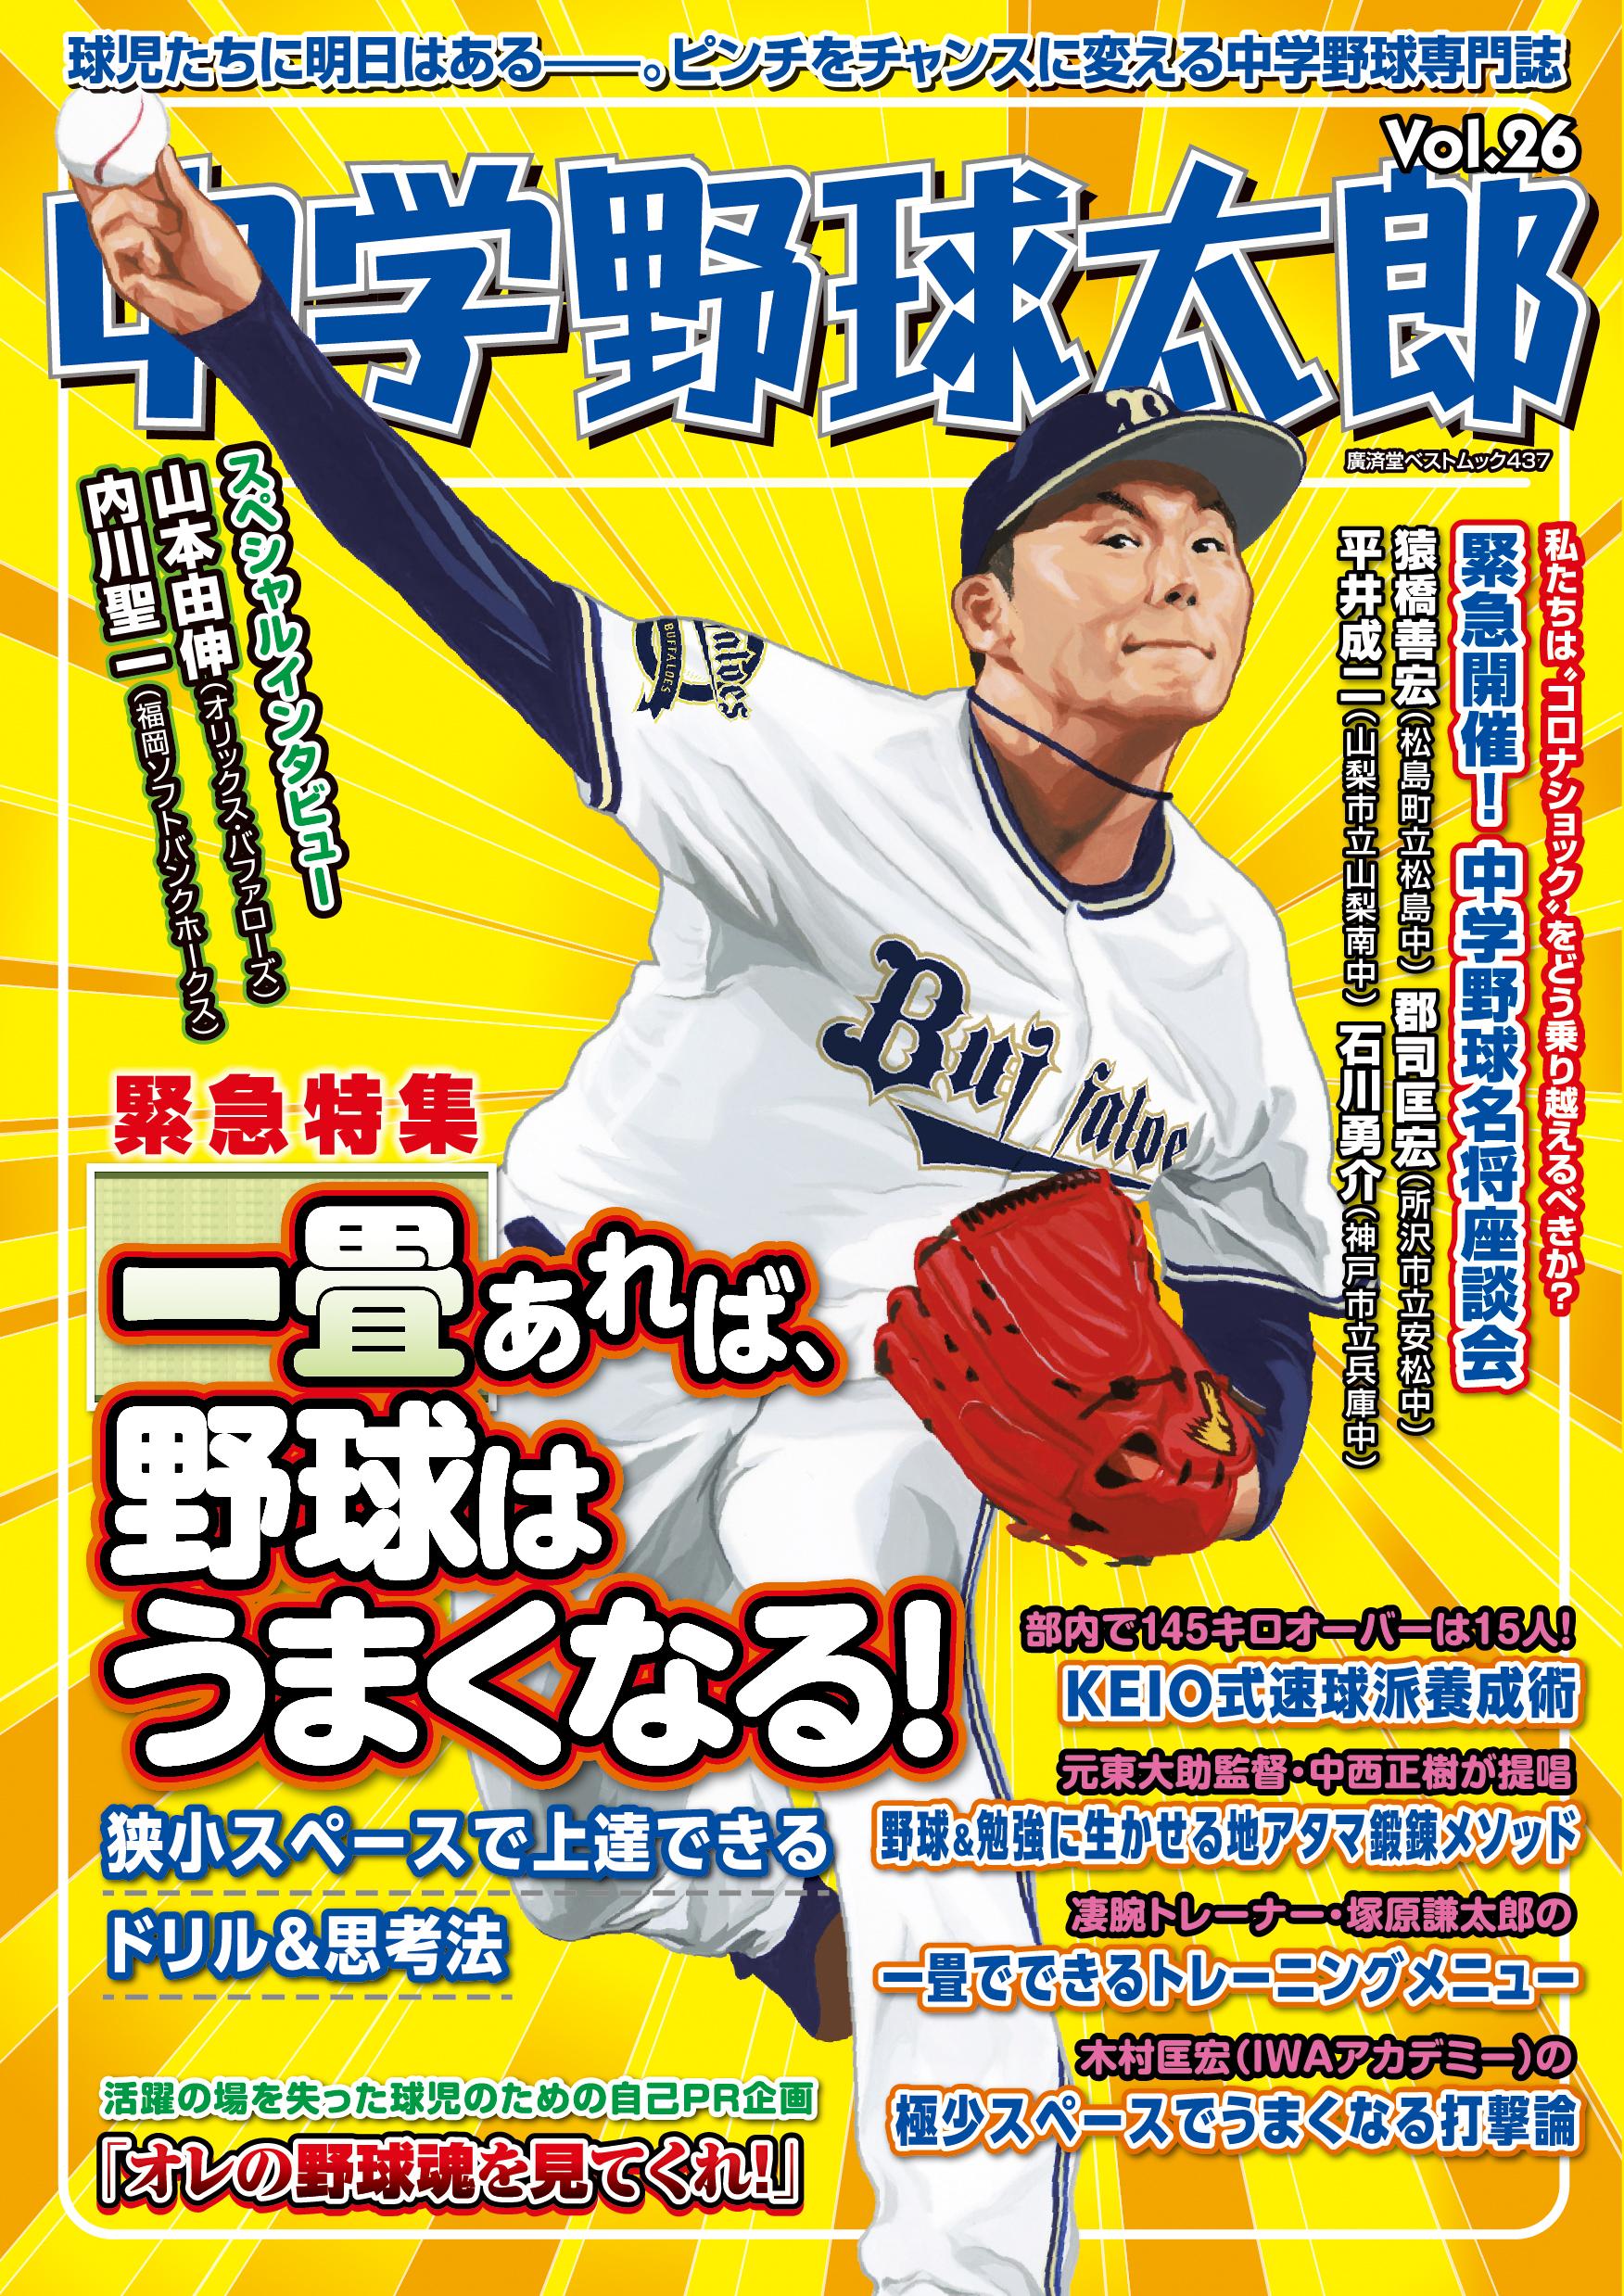 『中学野球太郎Vol.26 一畳あれば、野球はうまくなる!』は5月29日発売です!